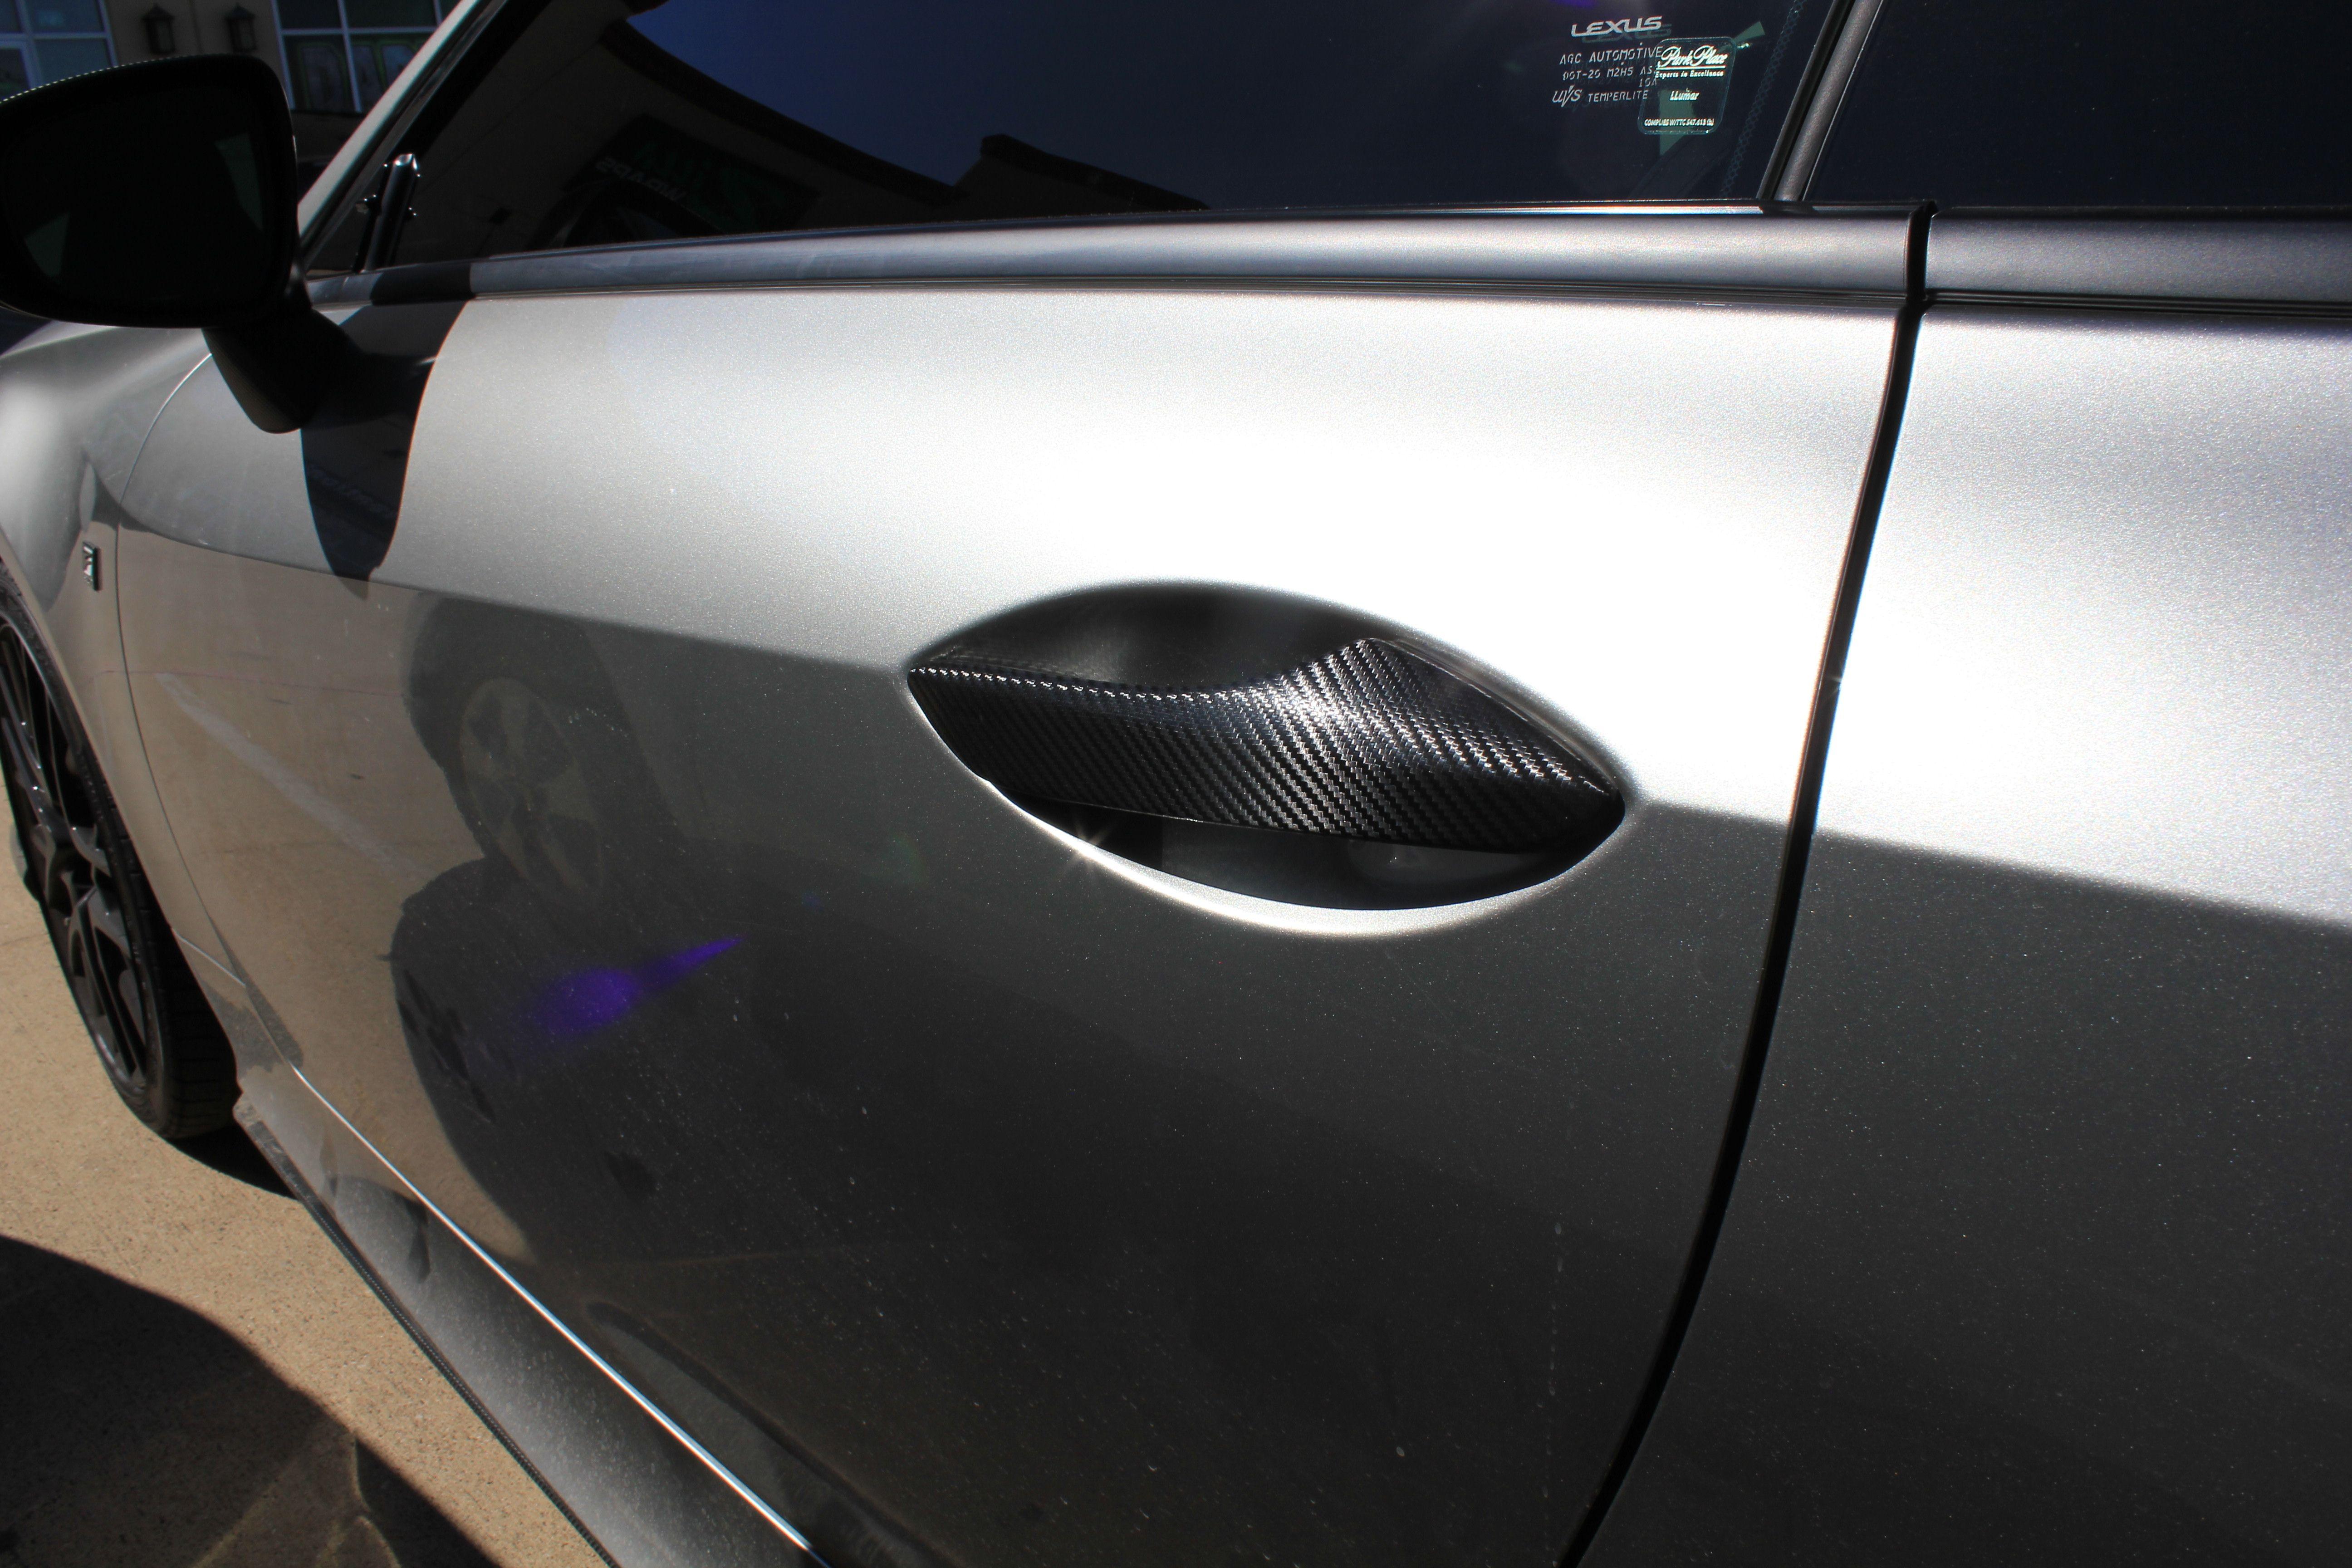 Custom car door handles Cheap Carbon Fiber Wrap Lexus Cars Door Handle Wrap Carbon Fiber Door Handles Yhomeco Carbon Fiber Wrap Lexus Cars Door Handle Wrap Carbon Fiber Door